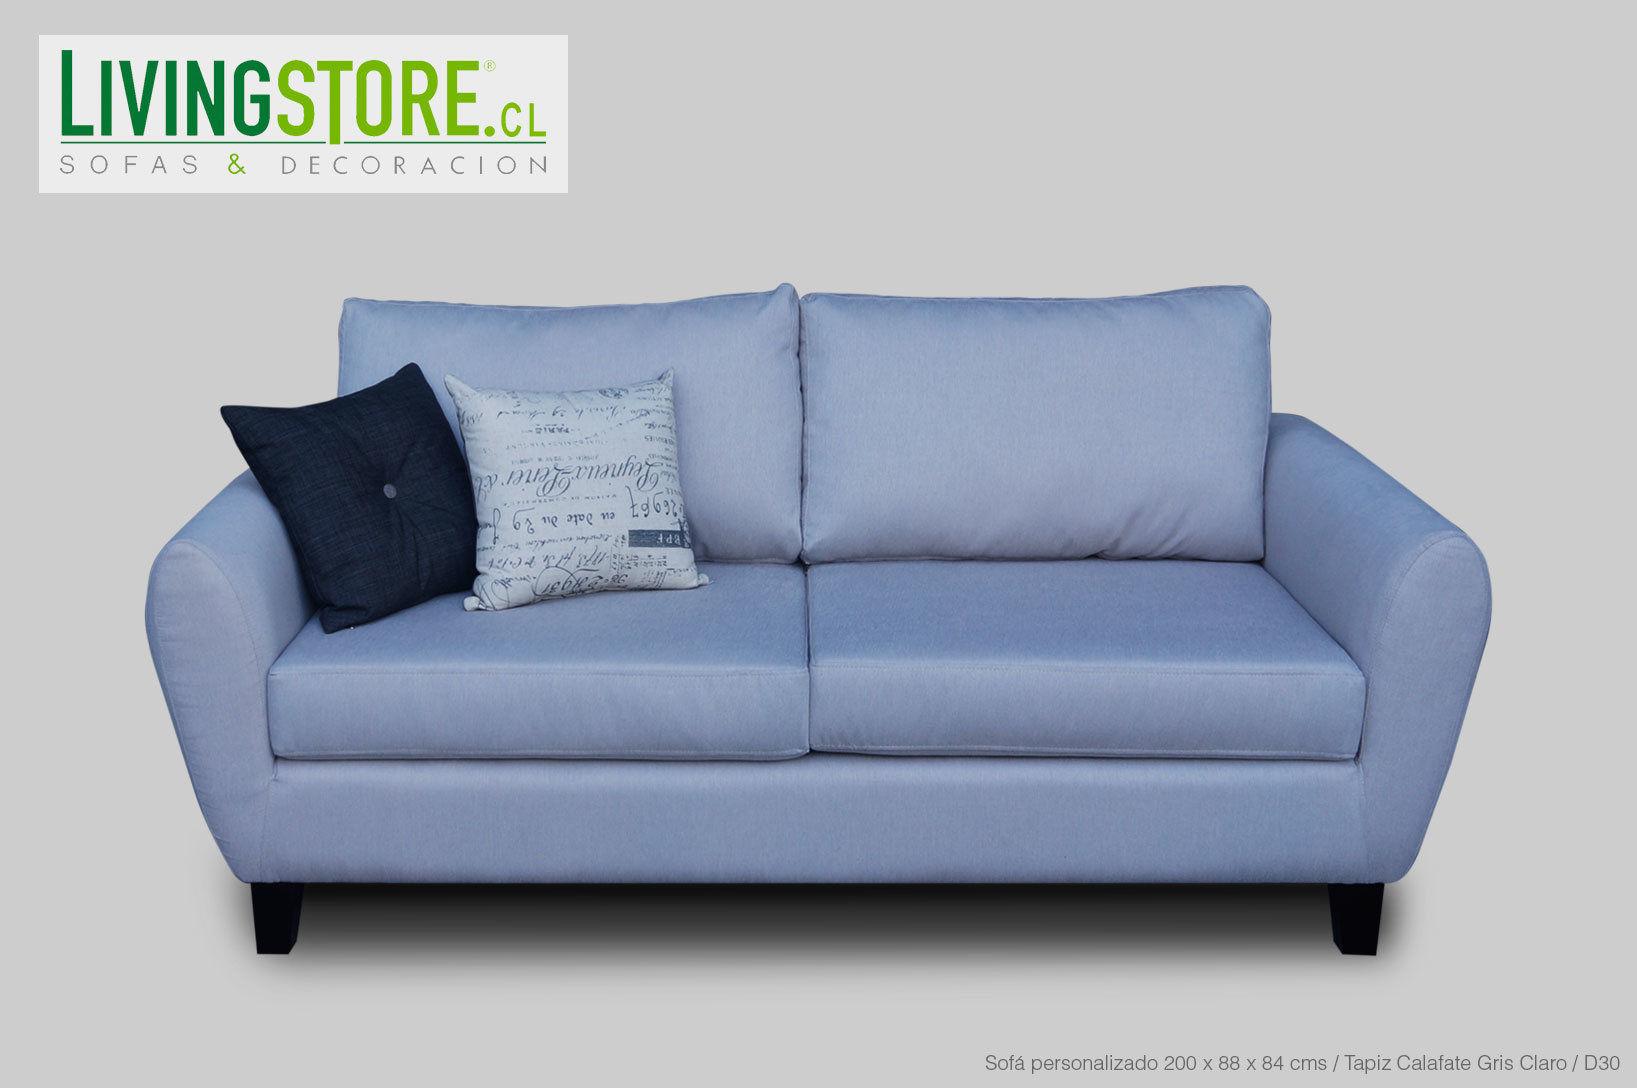 Proyecto sofá personalizado 2 Cuerpos brazo curvo - LivingStore.CL ...